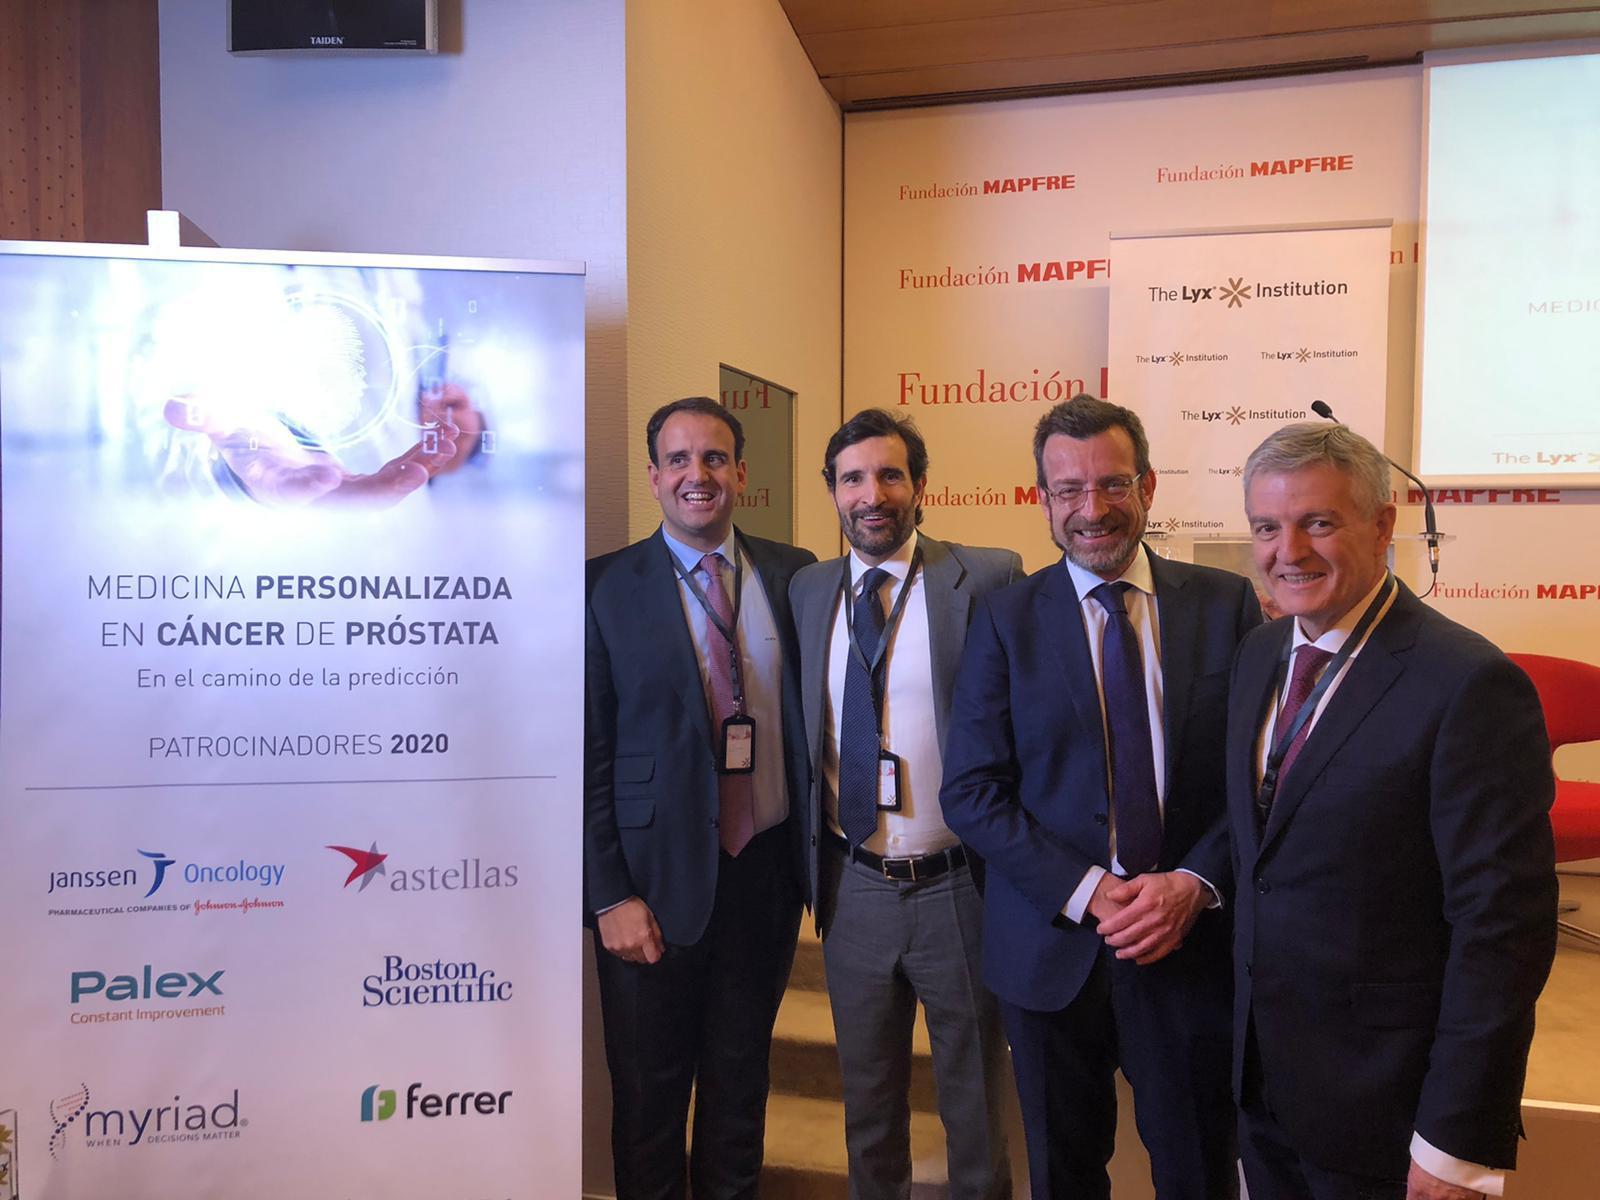 Medicina Personalizada en Cáncer de Próstata Romero